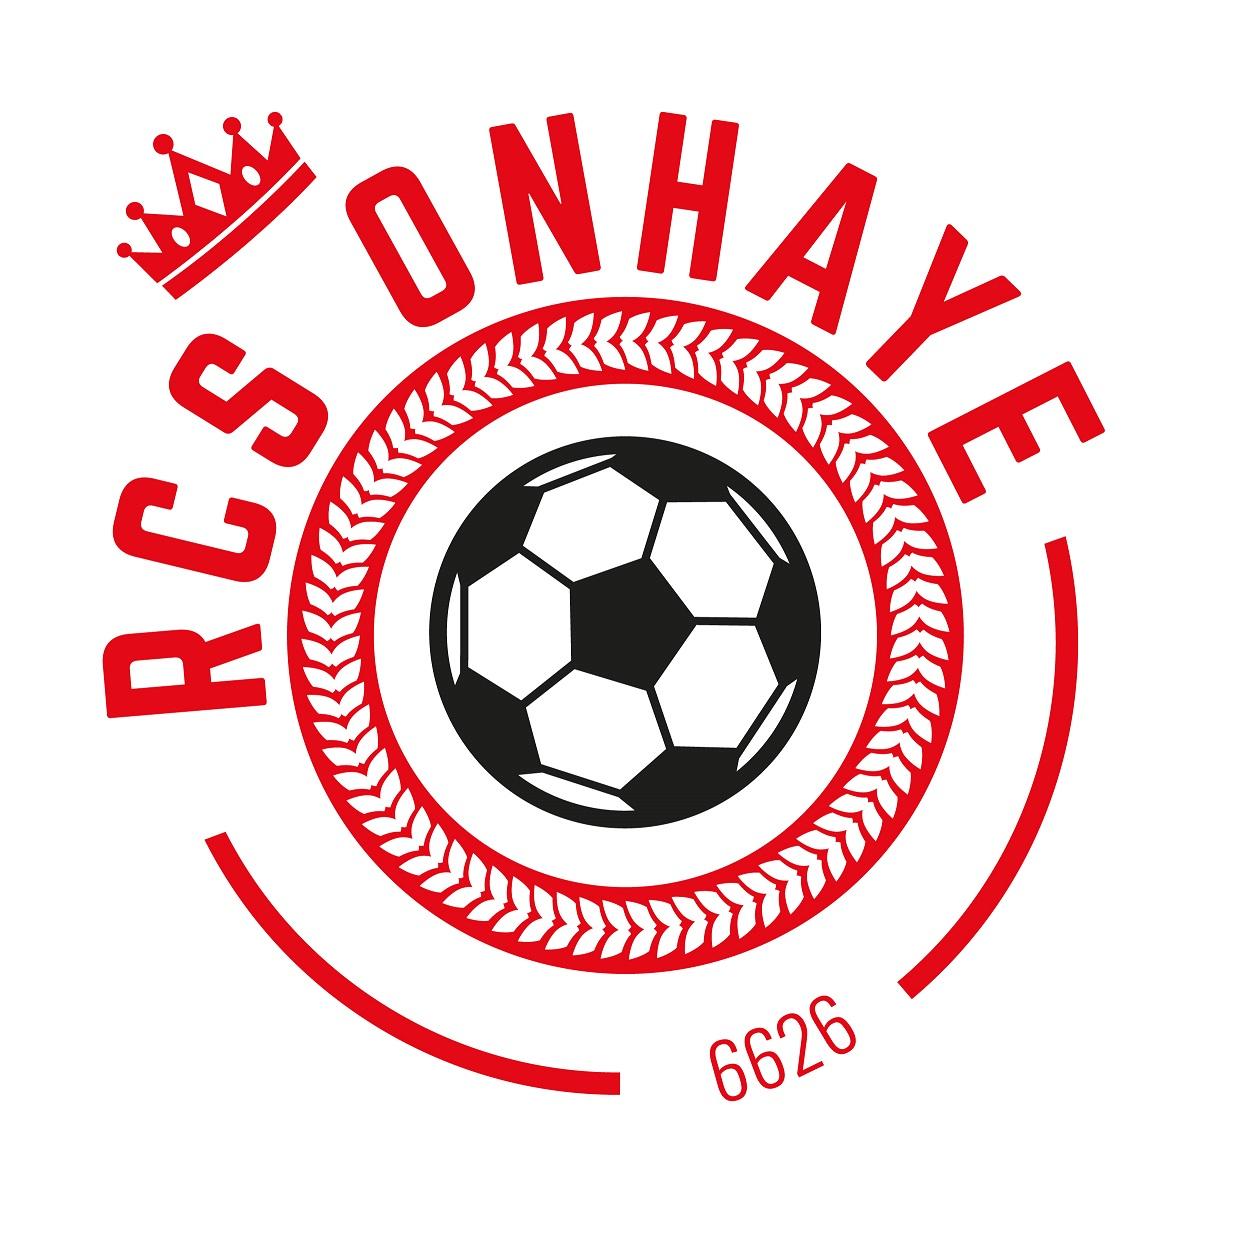 1 - CS Onhaye A